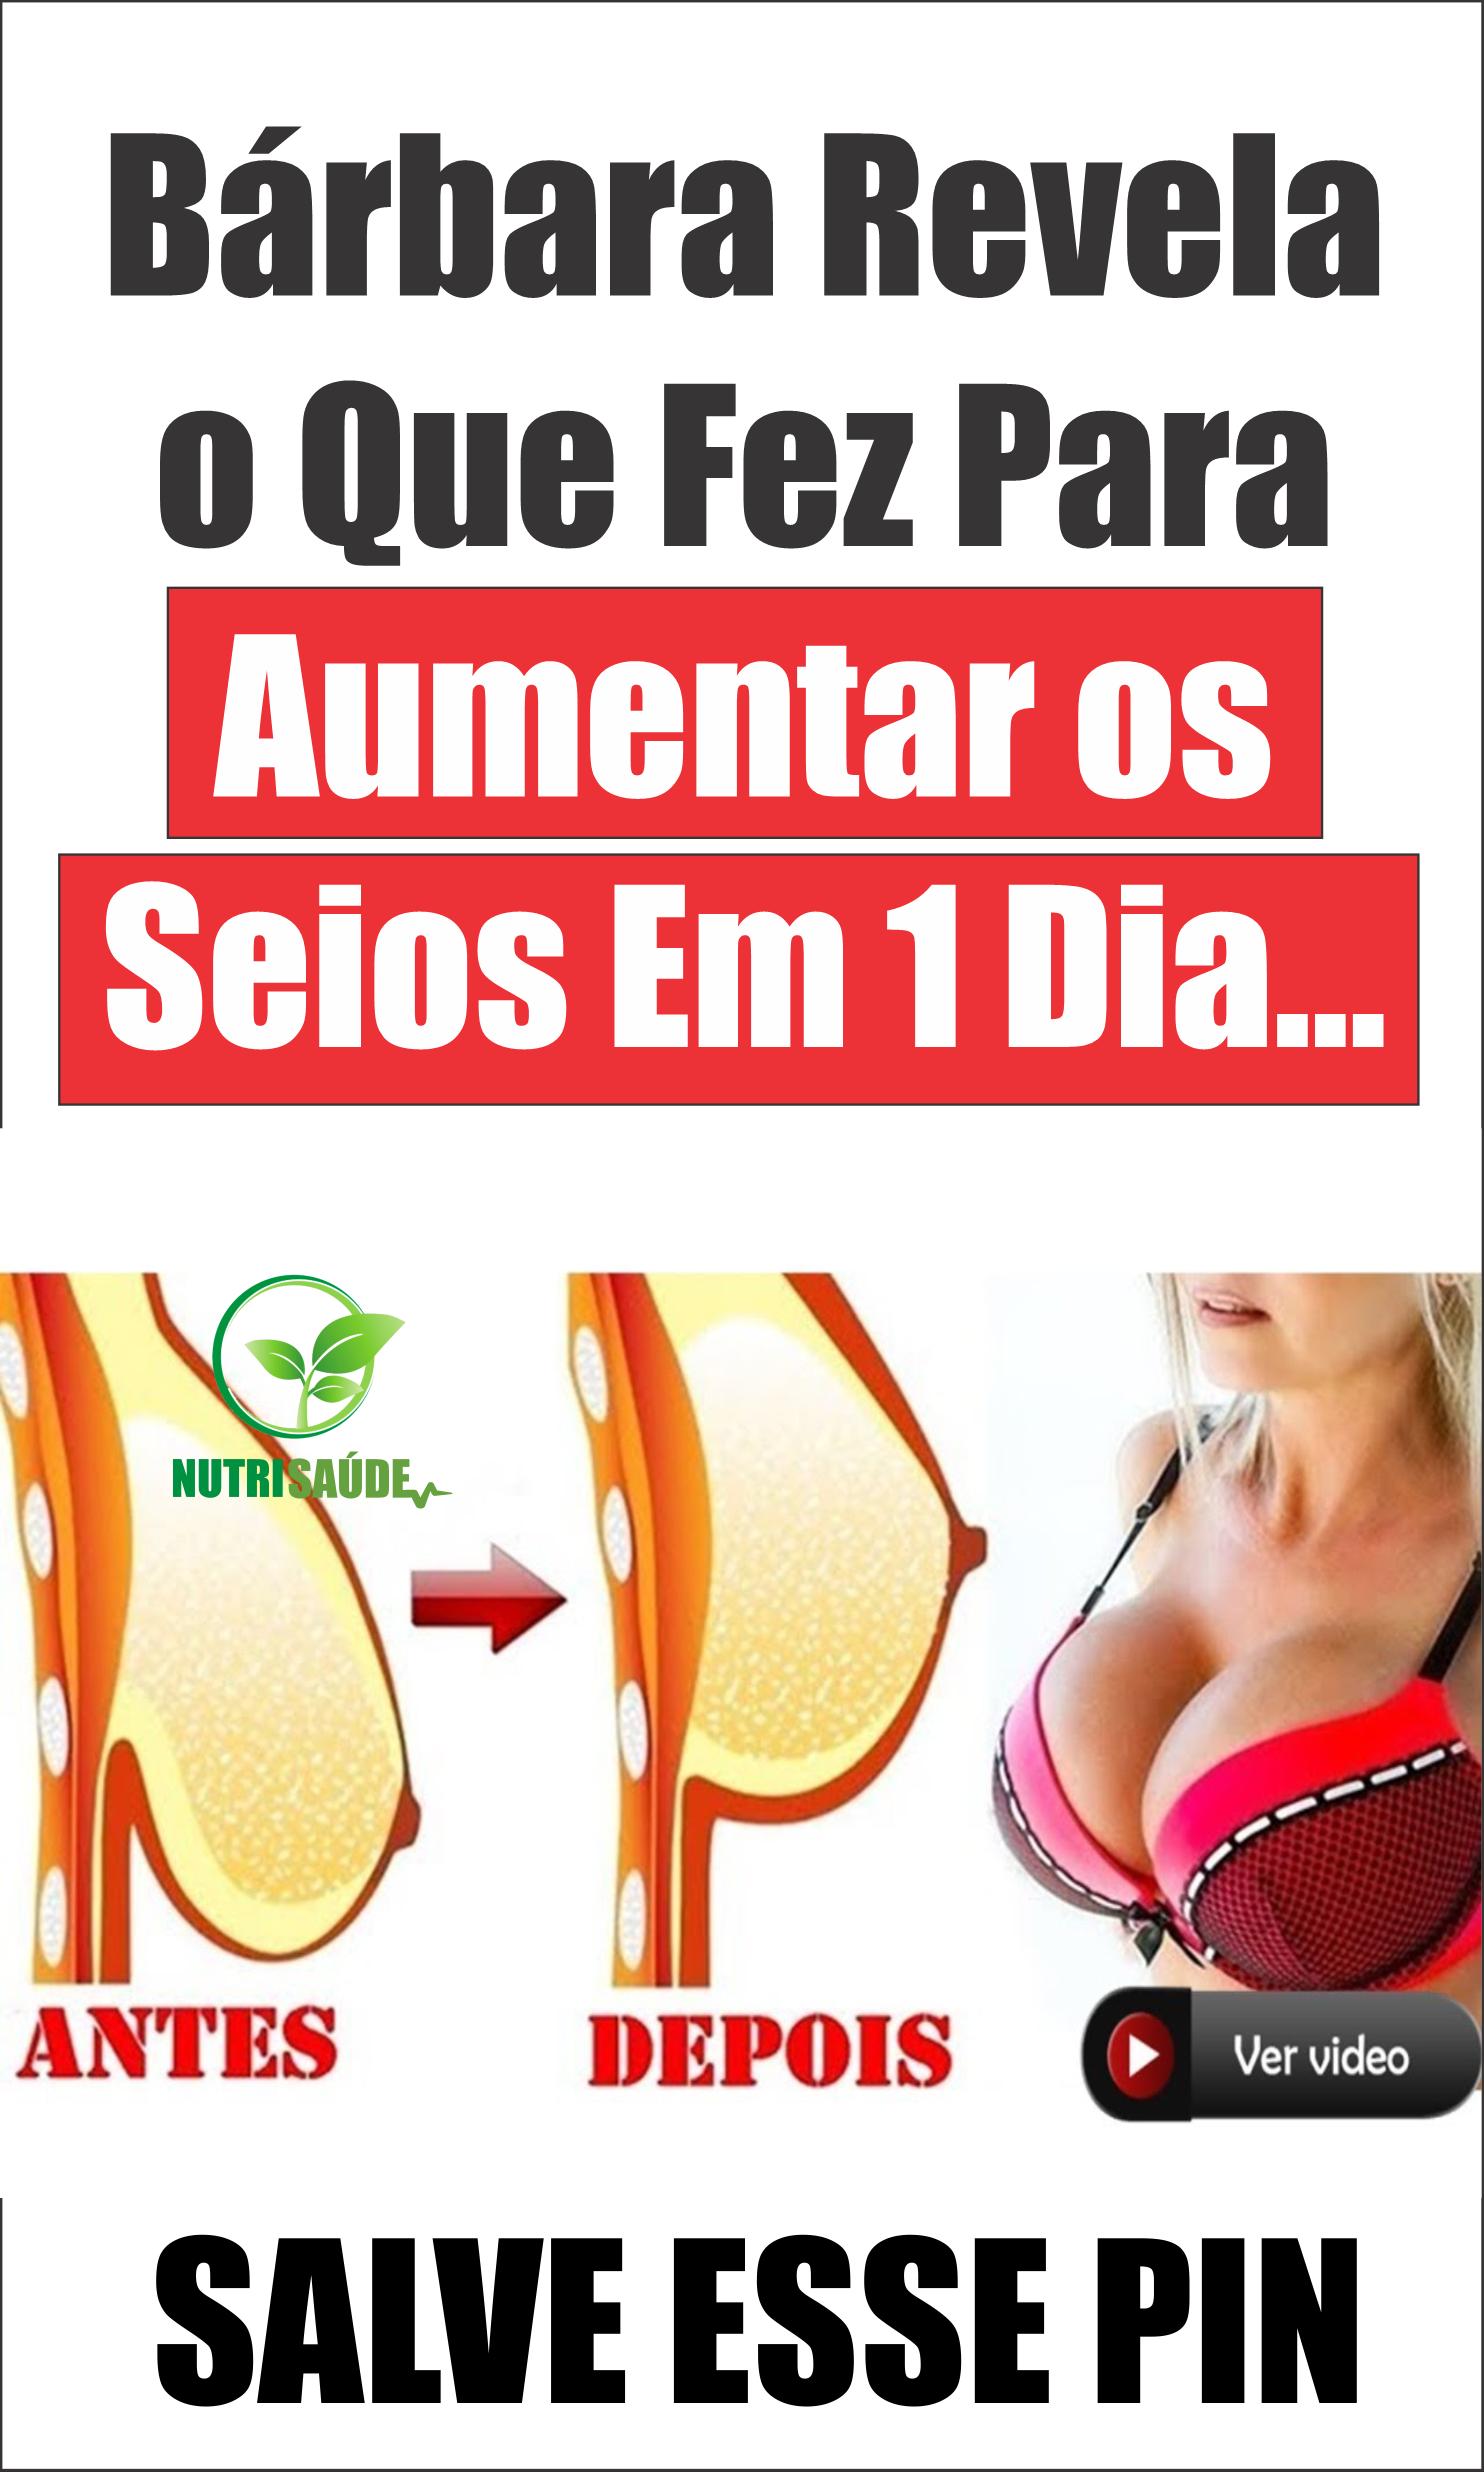 e0688dc3f Bárbara Revela o Que Fez Para Aumentar os Seios Em 1 Dia...